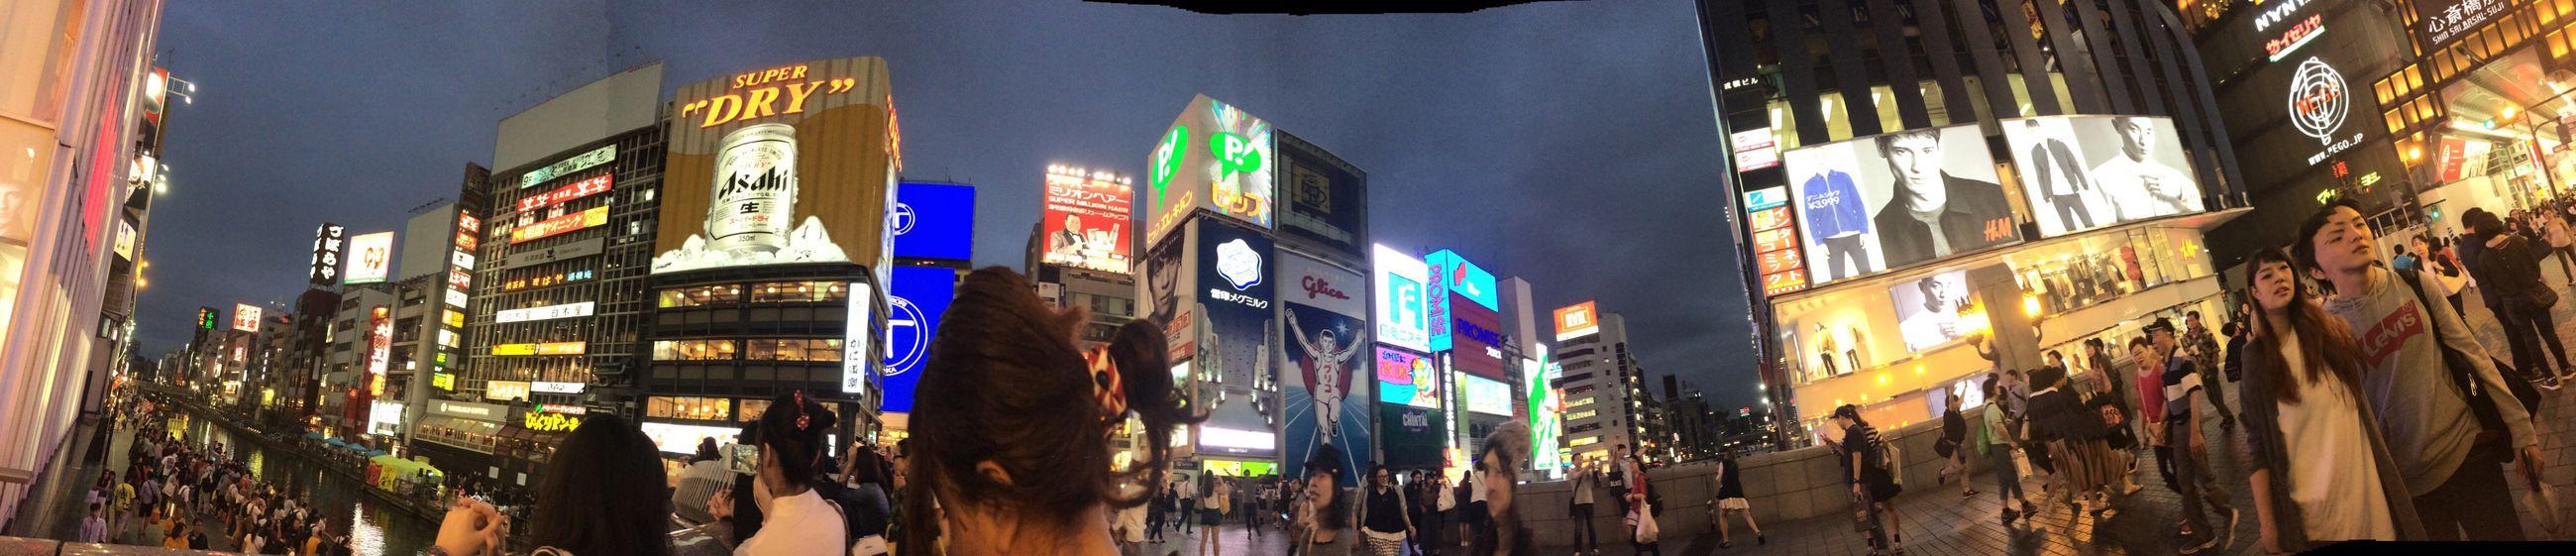 Panoramic view of the Shinsaibashi Suji Osaka Dotonboririver Glico